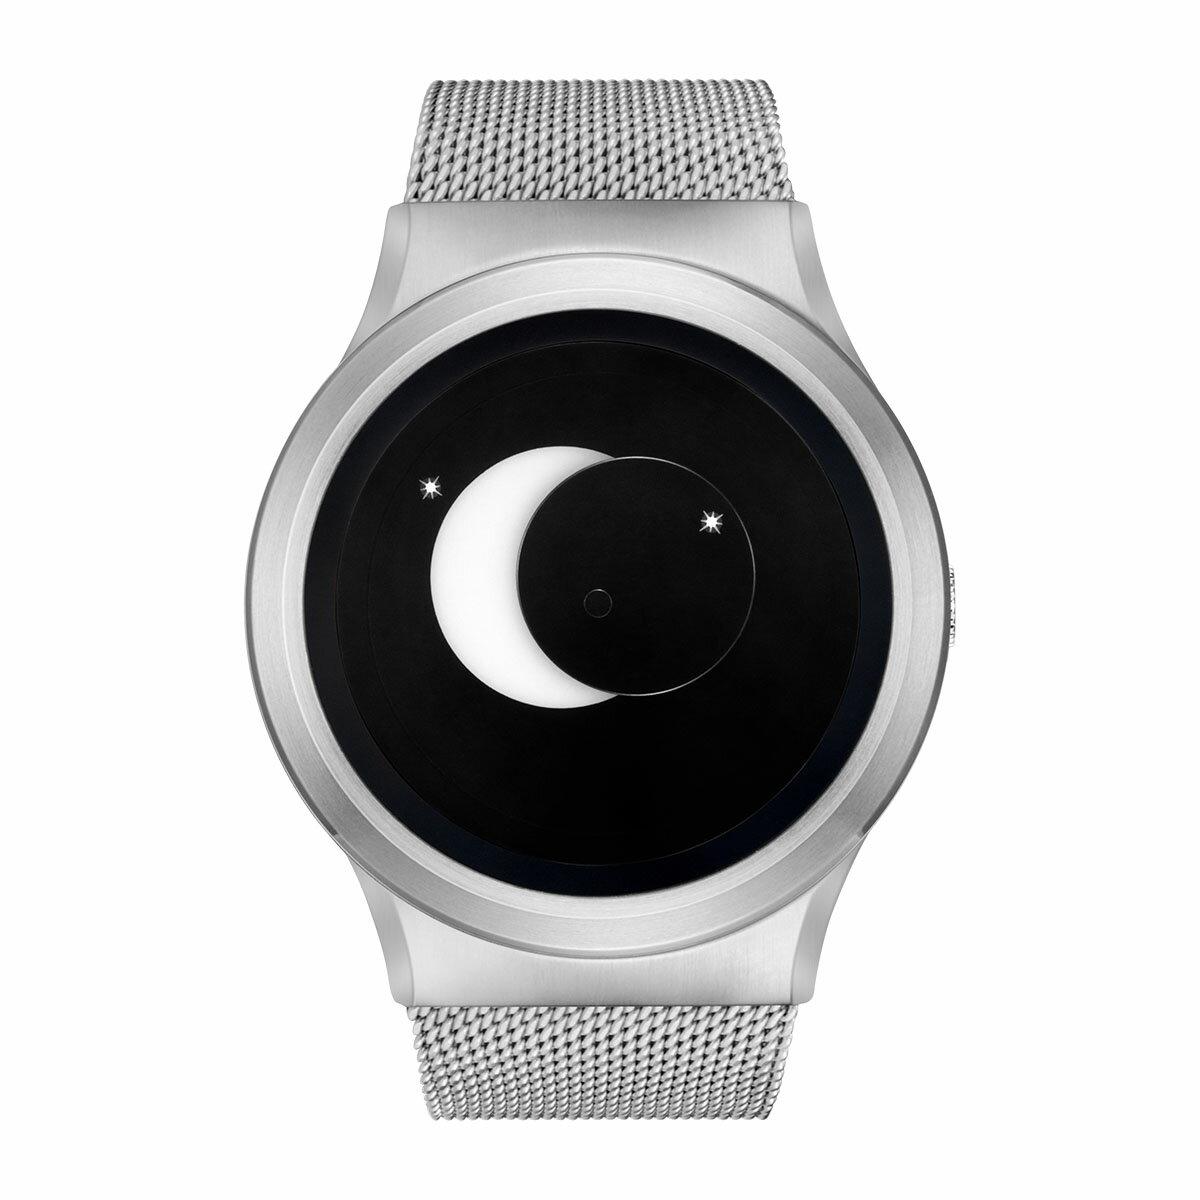 ZEROO SUPER MOON ゼロ 電池式クォーツ 腕時計 [W02007B01SM01] ホワイト デザインウォッチ ペア用 メンズ レディース ユニセックス おしゃれ時計 デザイナーズ